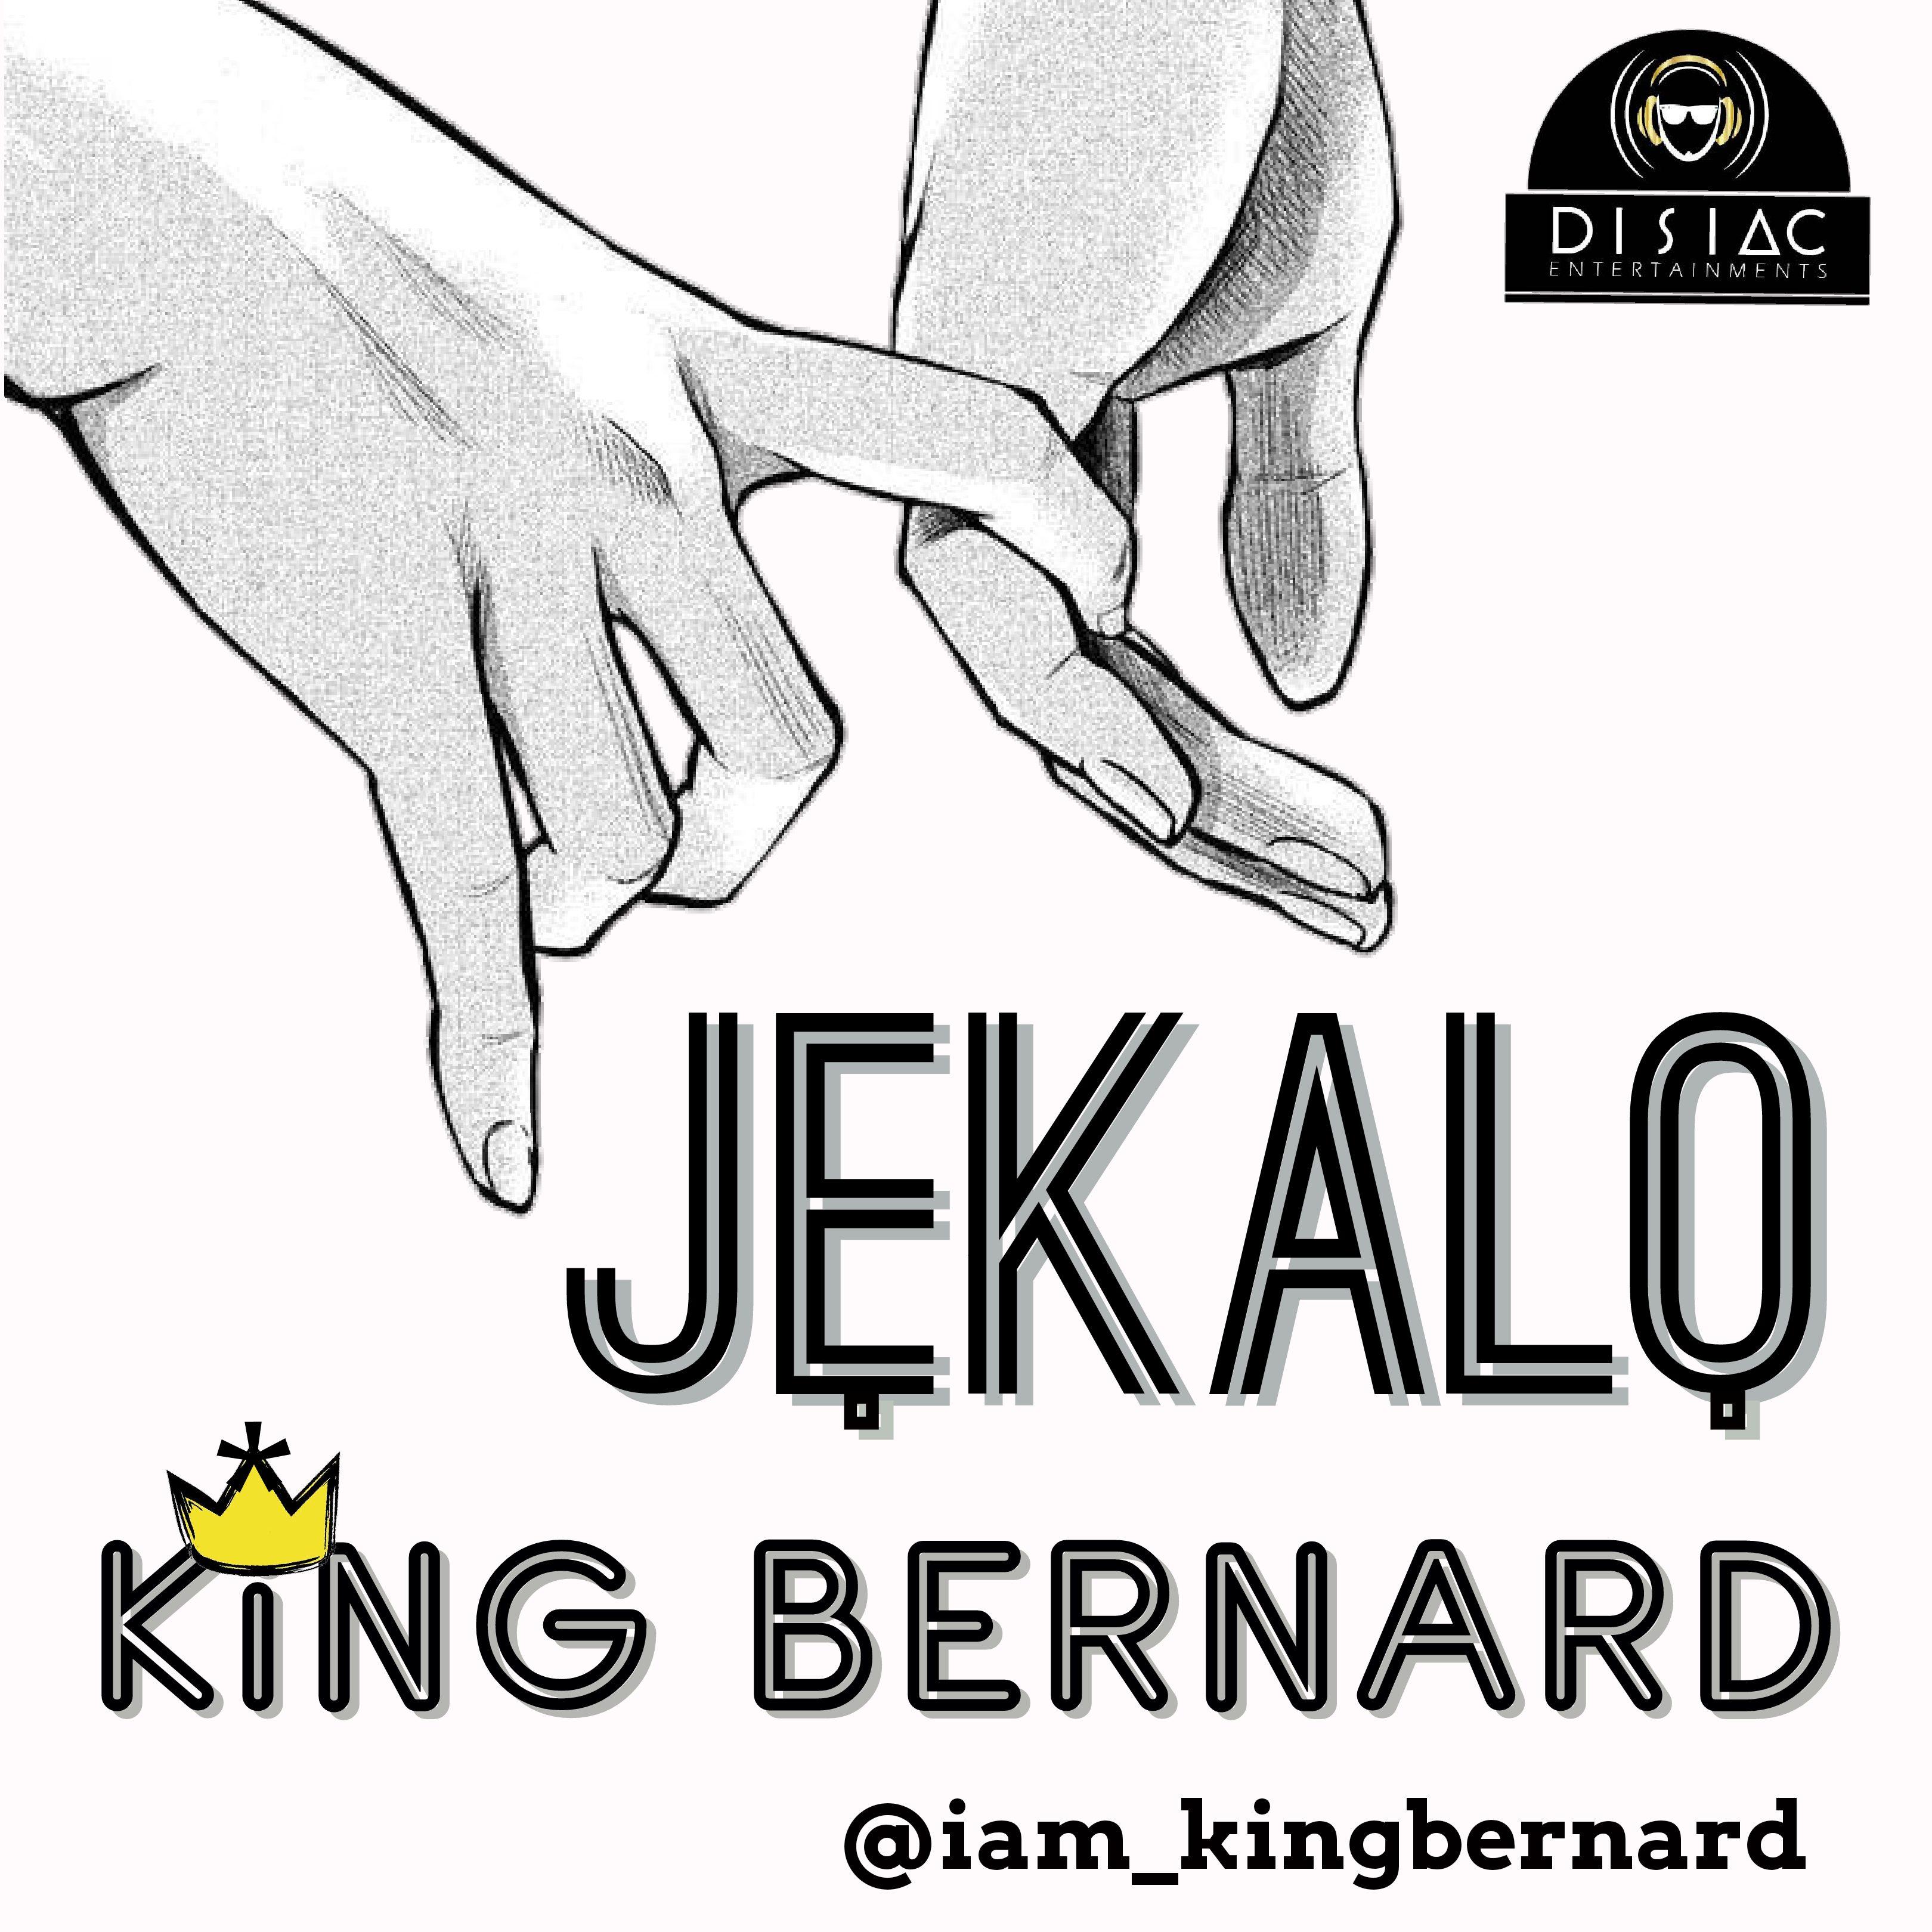 King Bernard – Jekalo